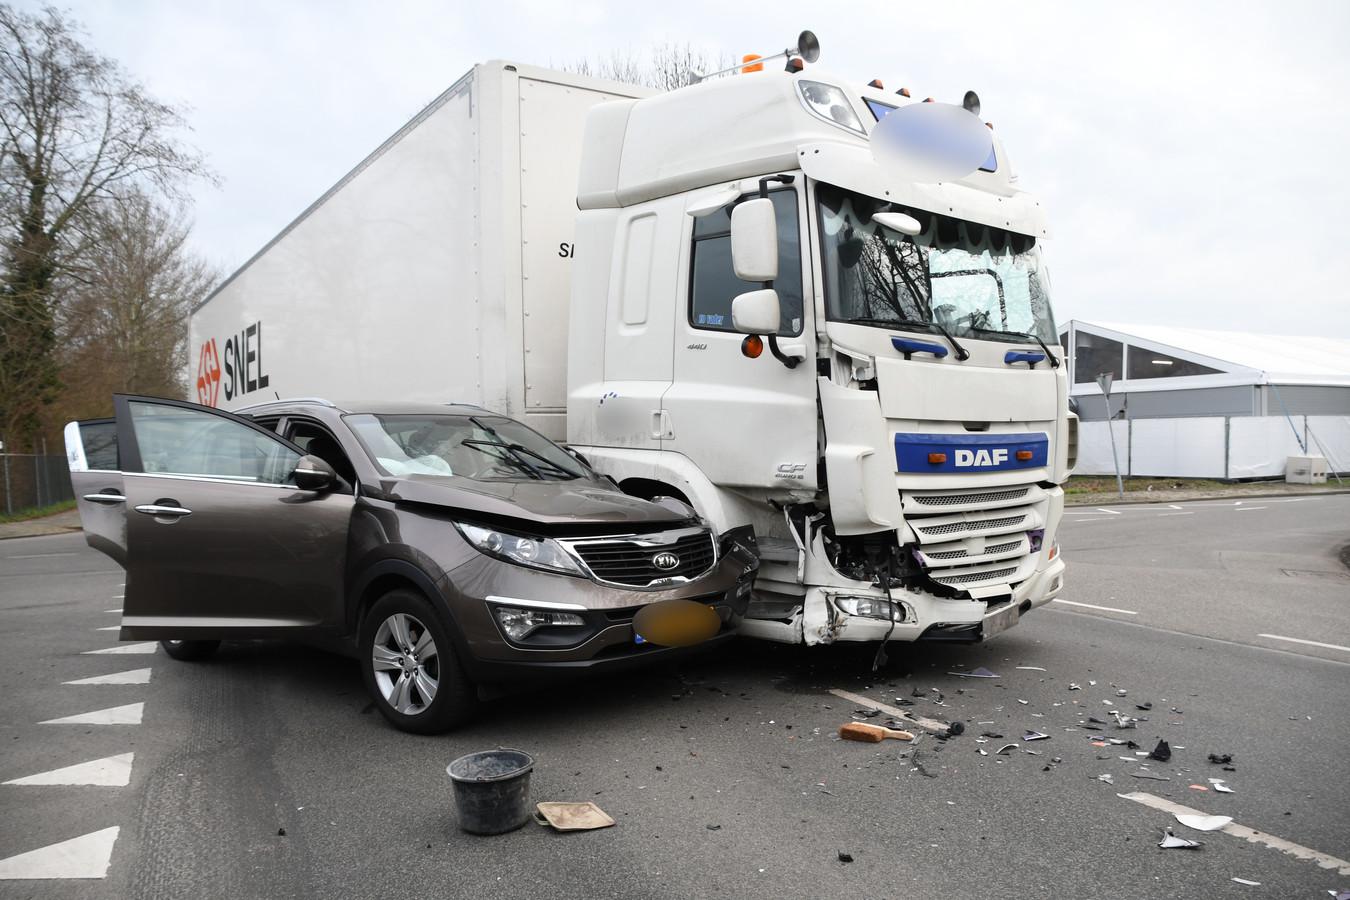 Op de Blekerijlaan in Woerden is een personenauto tegen een vrachtwagen gereden. De auto reed vanaf de Zaagmolenlaan de Blekerijlaan op, maar de bestuurder zag een vrachtwagen van links die voorrang had over het hoofd.